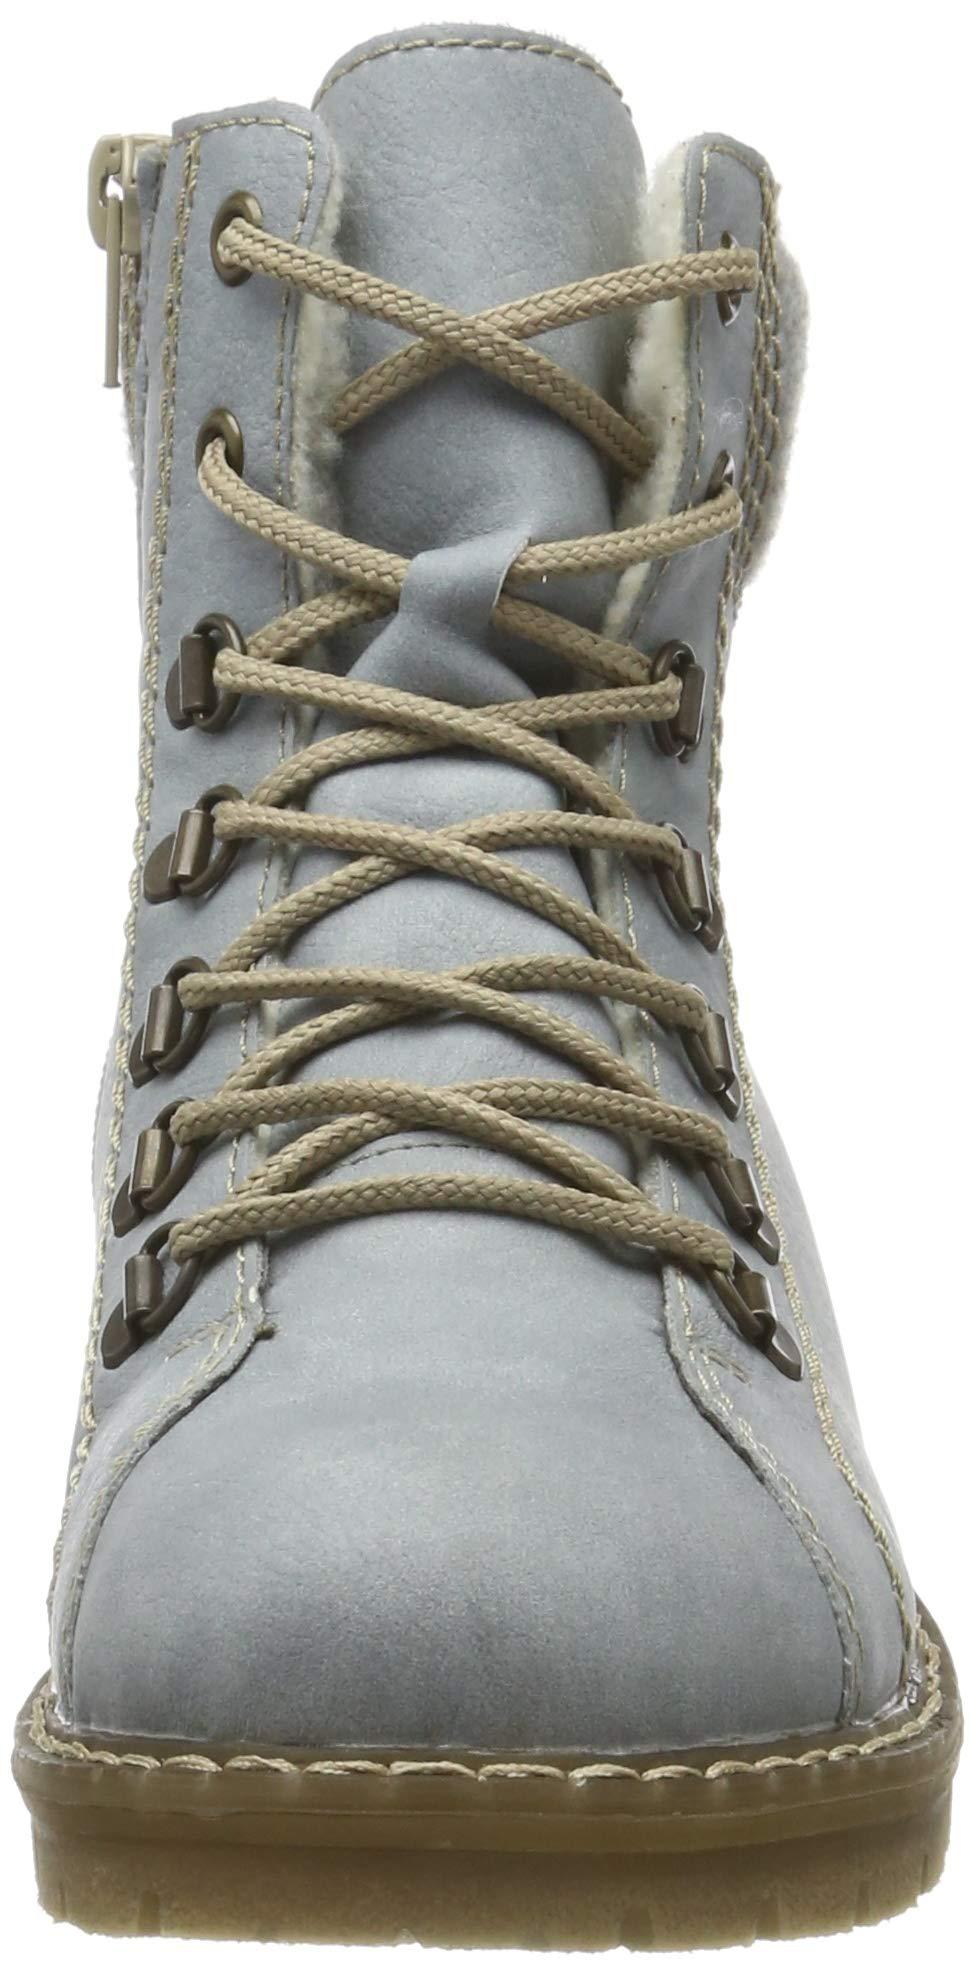 Rieker Women's Herbst/Winter Ankle Boots 31